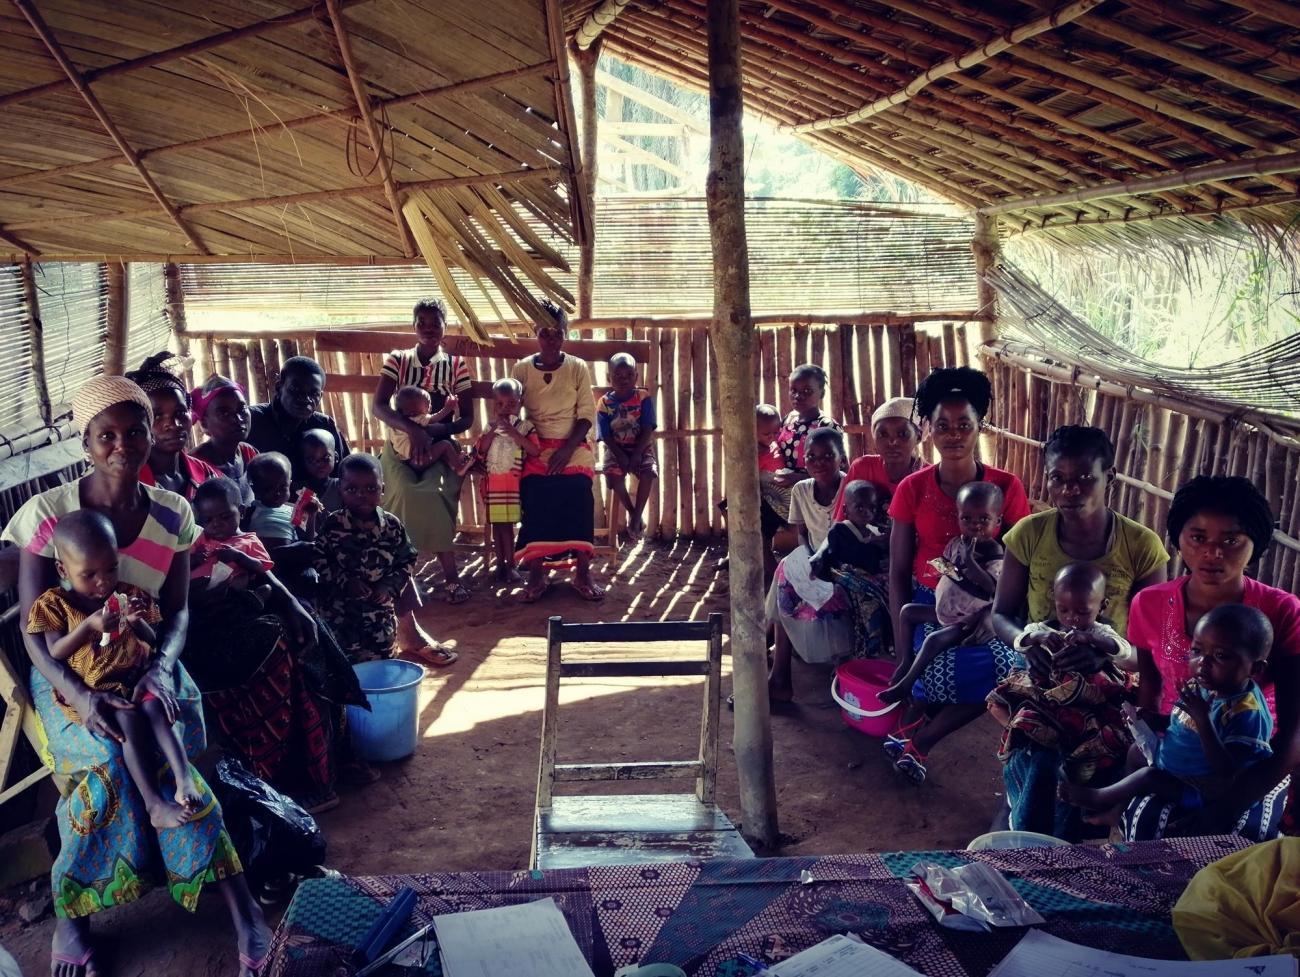 Les mères du village d'Imbo attendent leur tour pour un suivi hebdomadaire de la situation de leurs enfants dans le cadre du programme nutritionnel MSF mis en place lors de la flambée de rougeole.  © MSF/